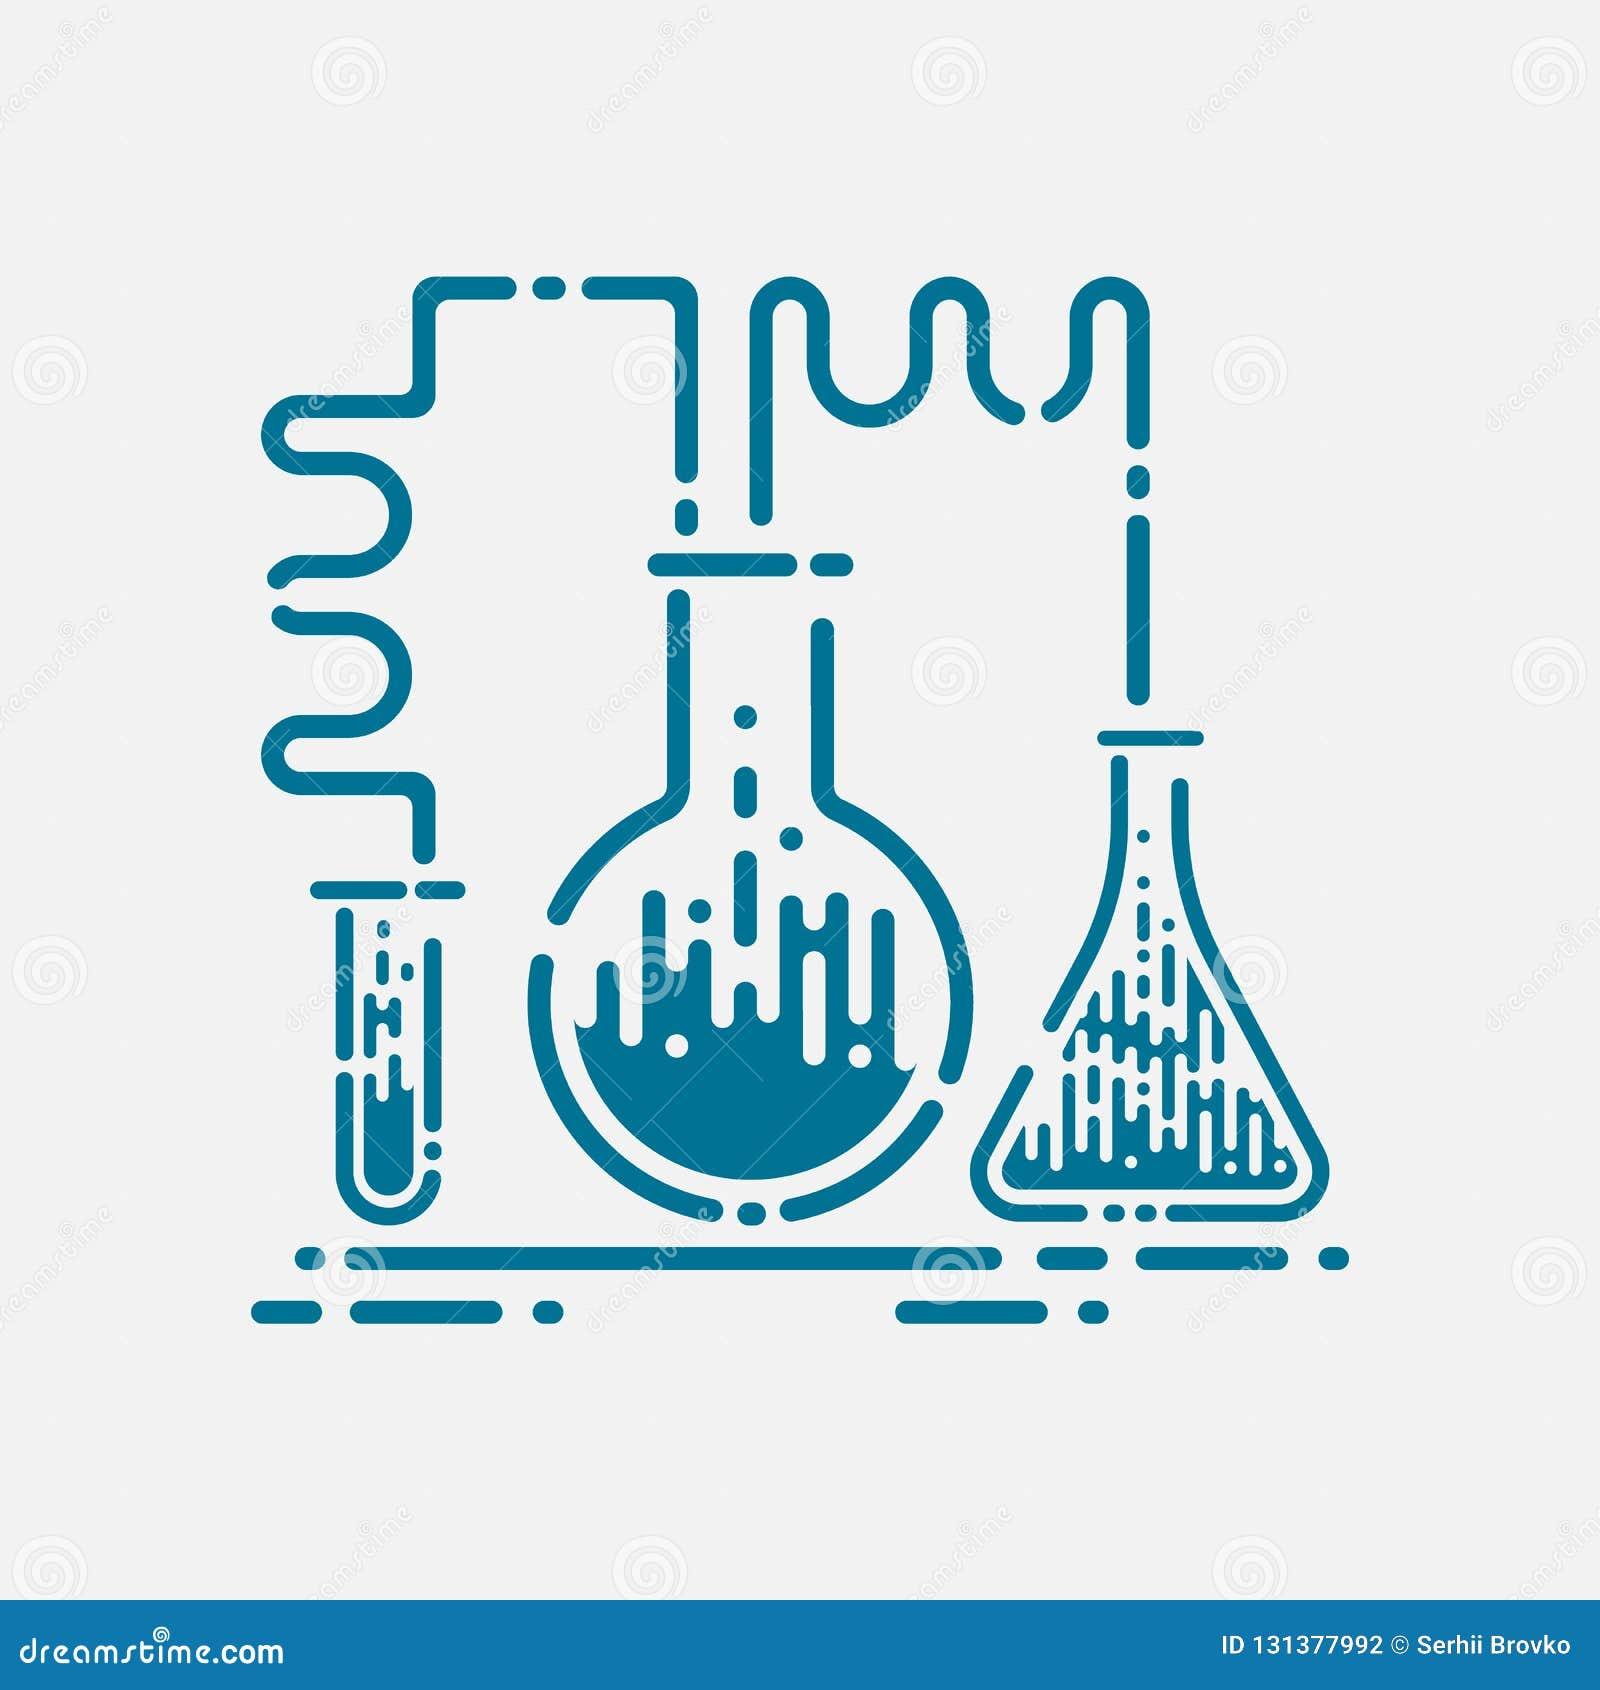 Het pictogram van laboratoriumbuizen - chemie en wetenschapssymbool - medische apparatuur - wetenschappelijk onderwijs